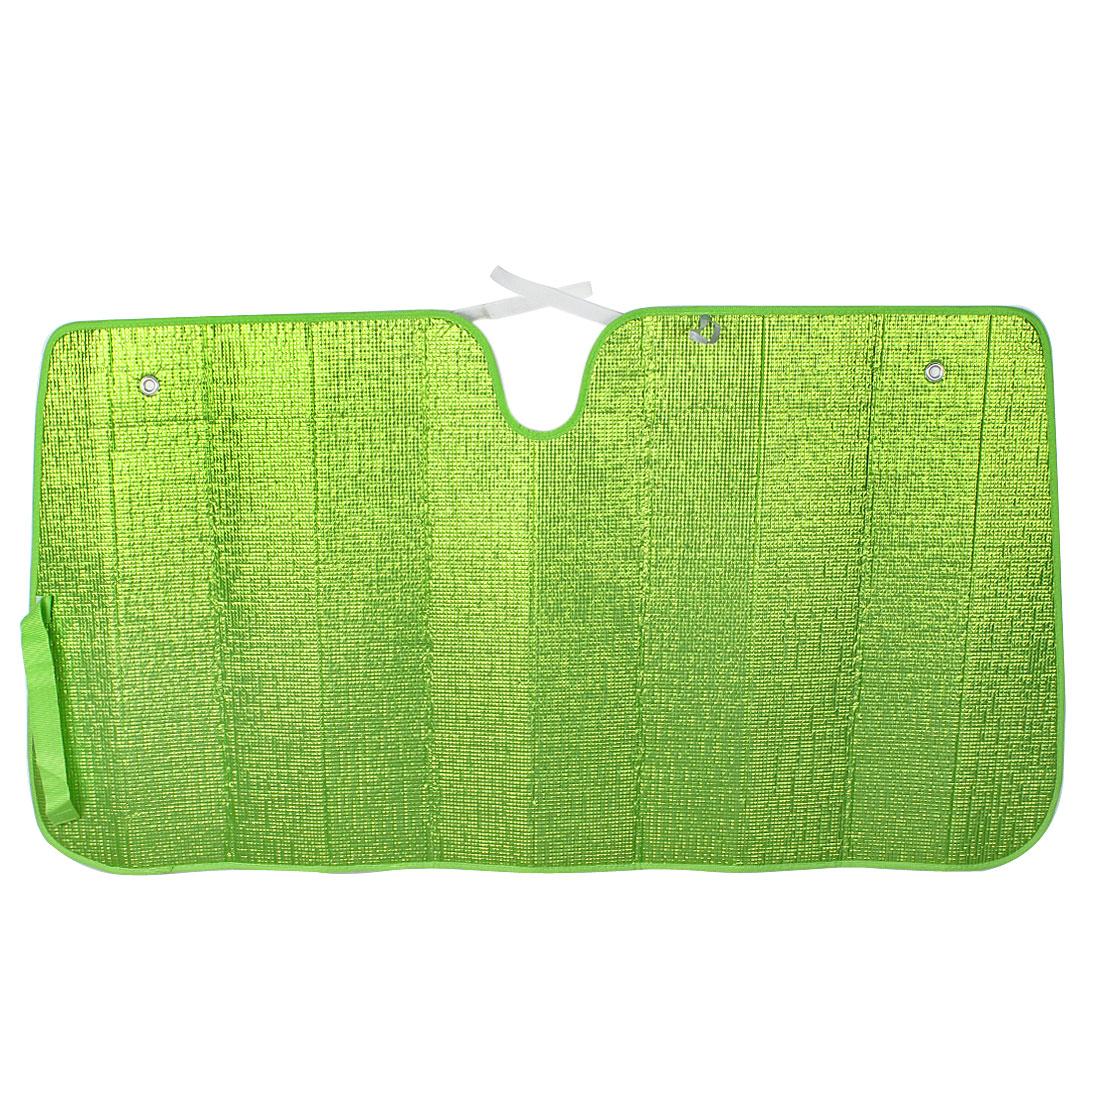 137 x 72cm Green Folding Car Front Rear Windscreen Windshield Sunshade Visor